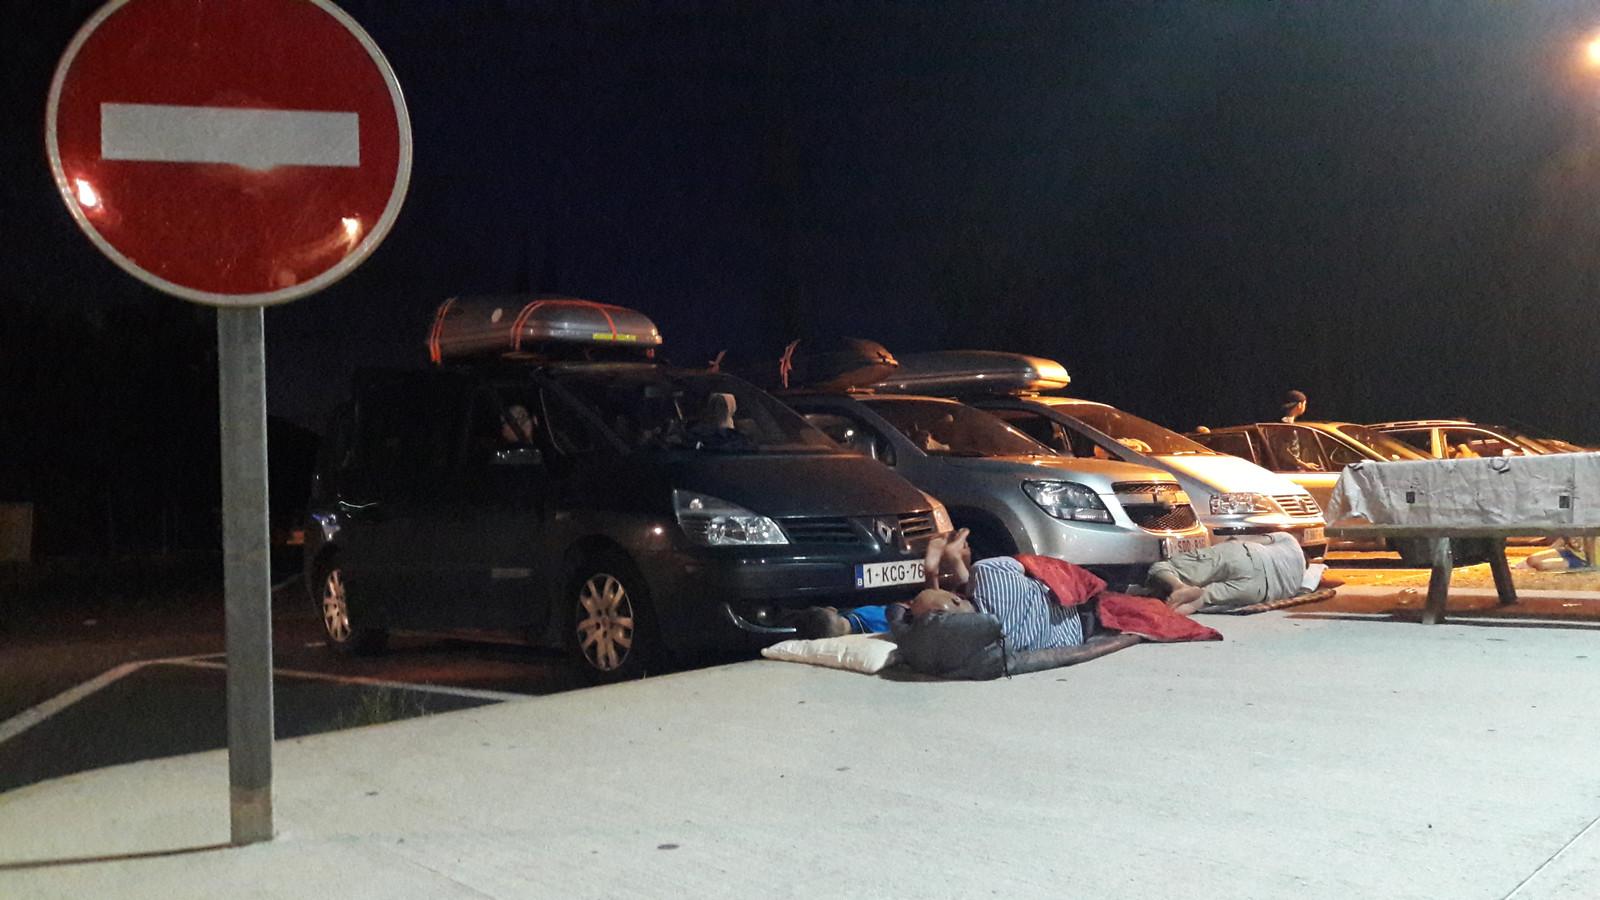 Een Belgisch-Marokkaanse vader en zijn zoontje proberen te slapen op een parkeerplaats in Zuid-Frankrijk